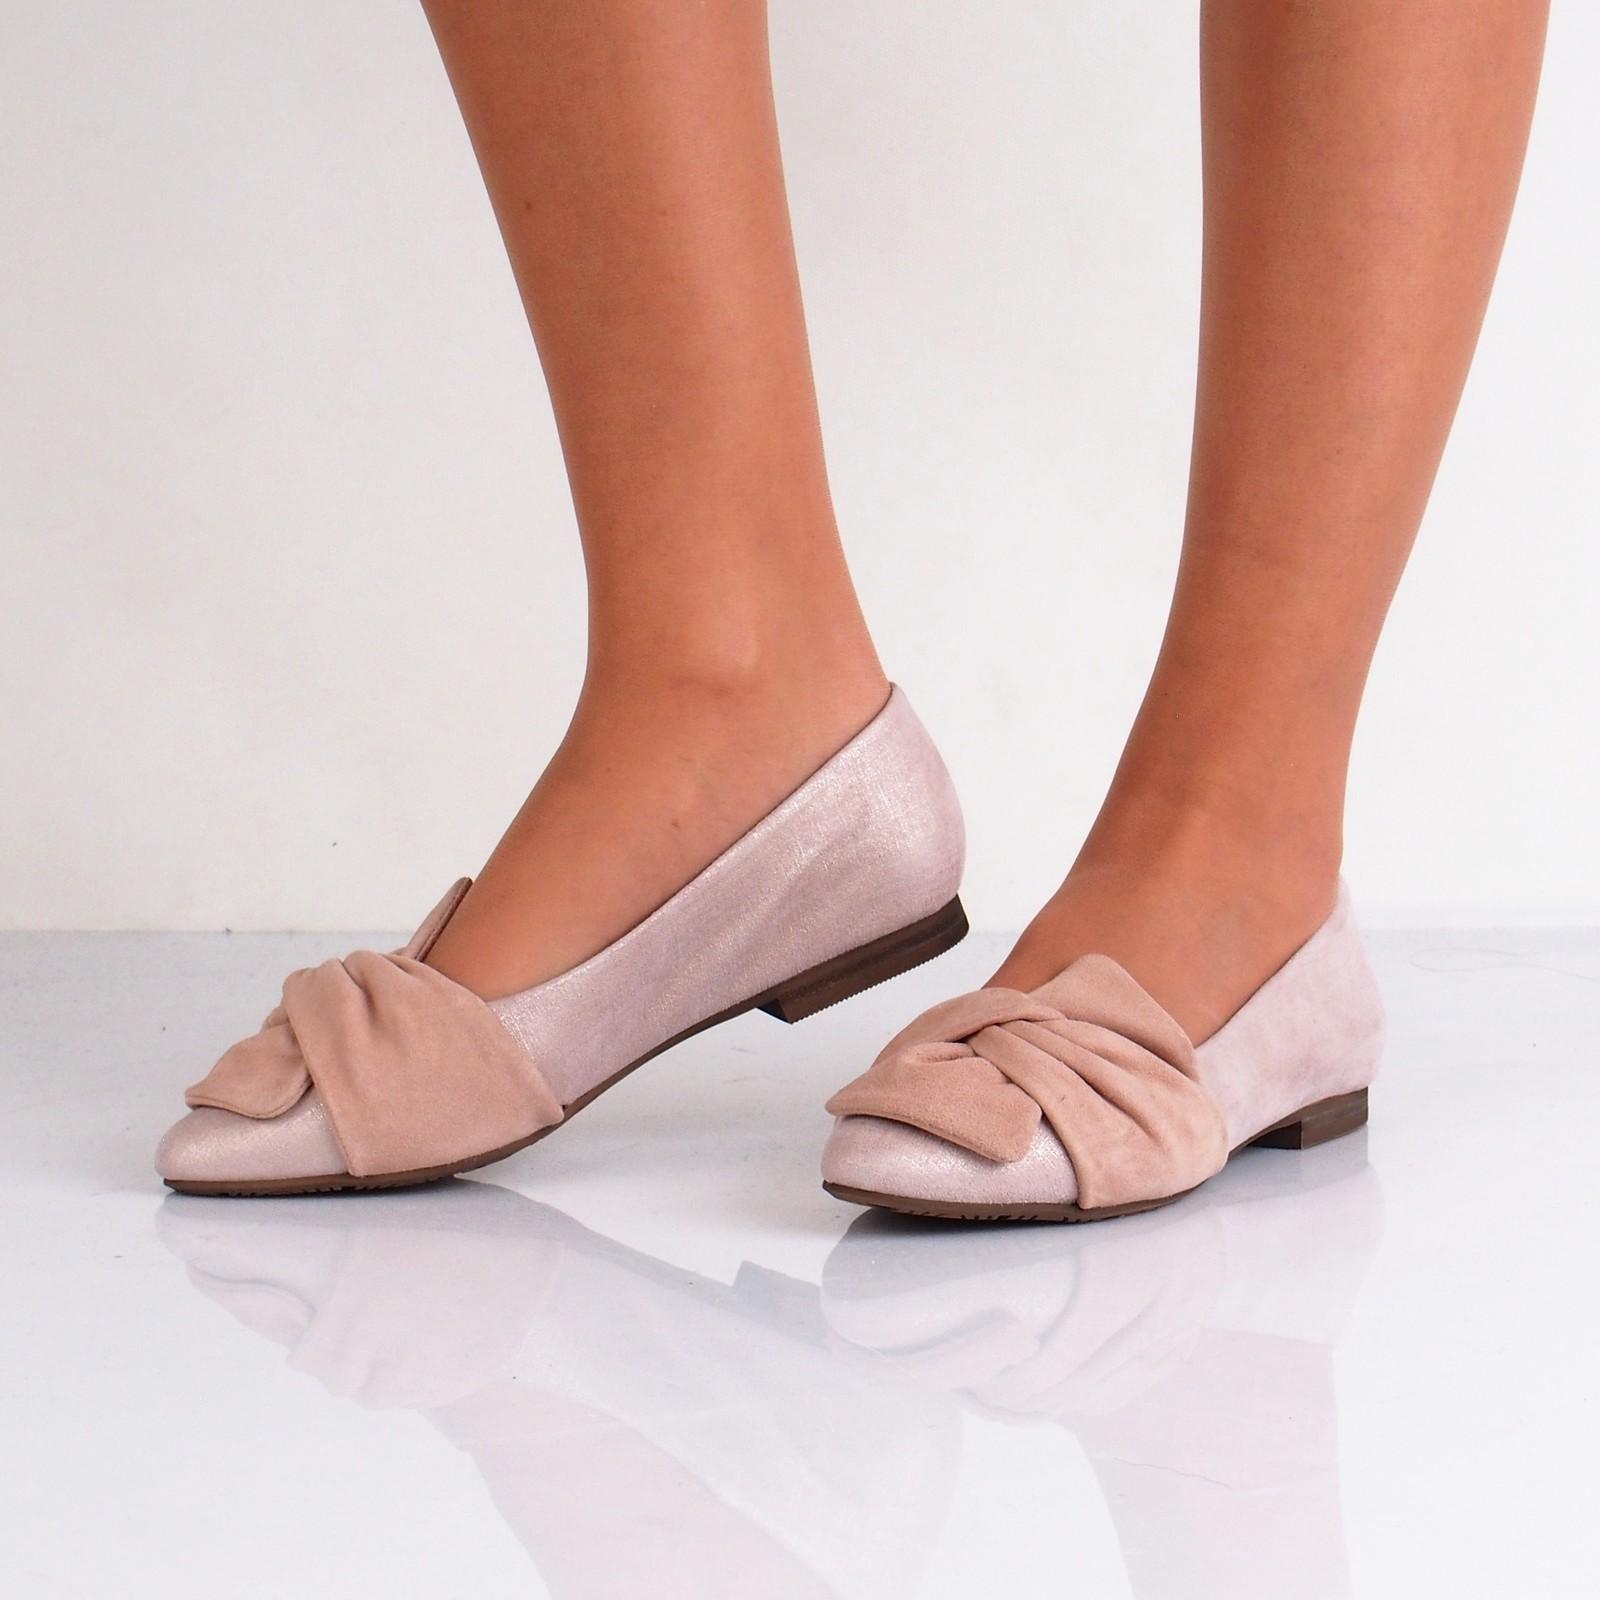 Regarde le ciel dámské kožené balerínky - růžové